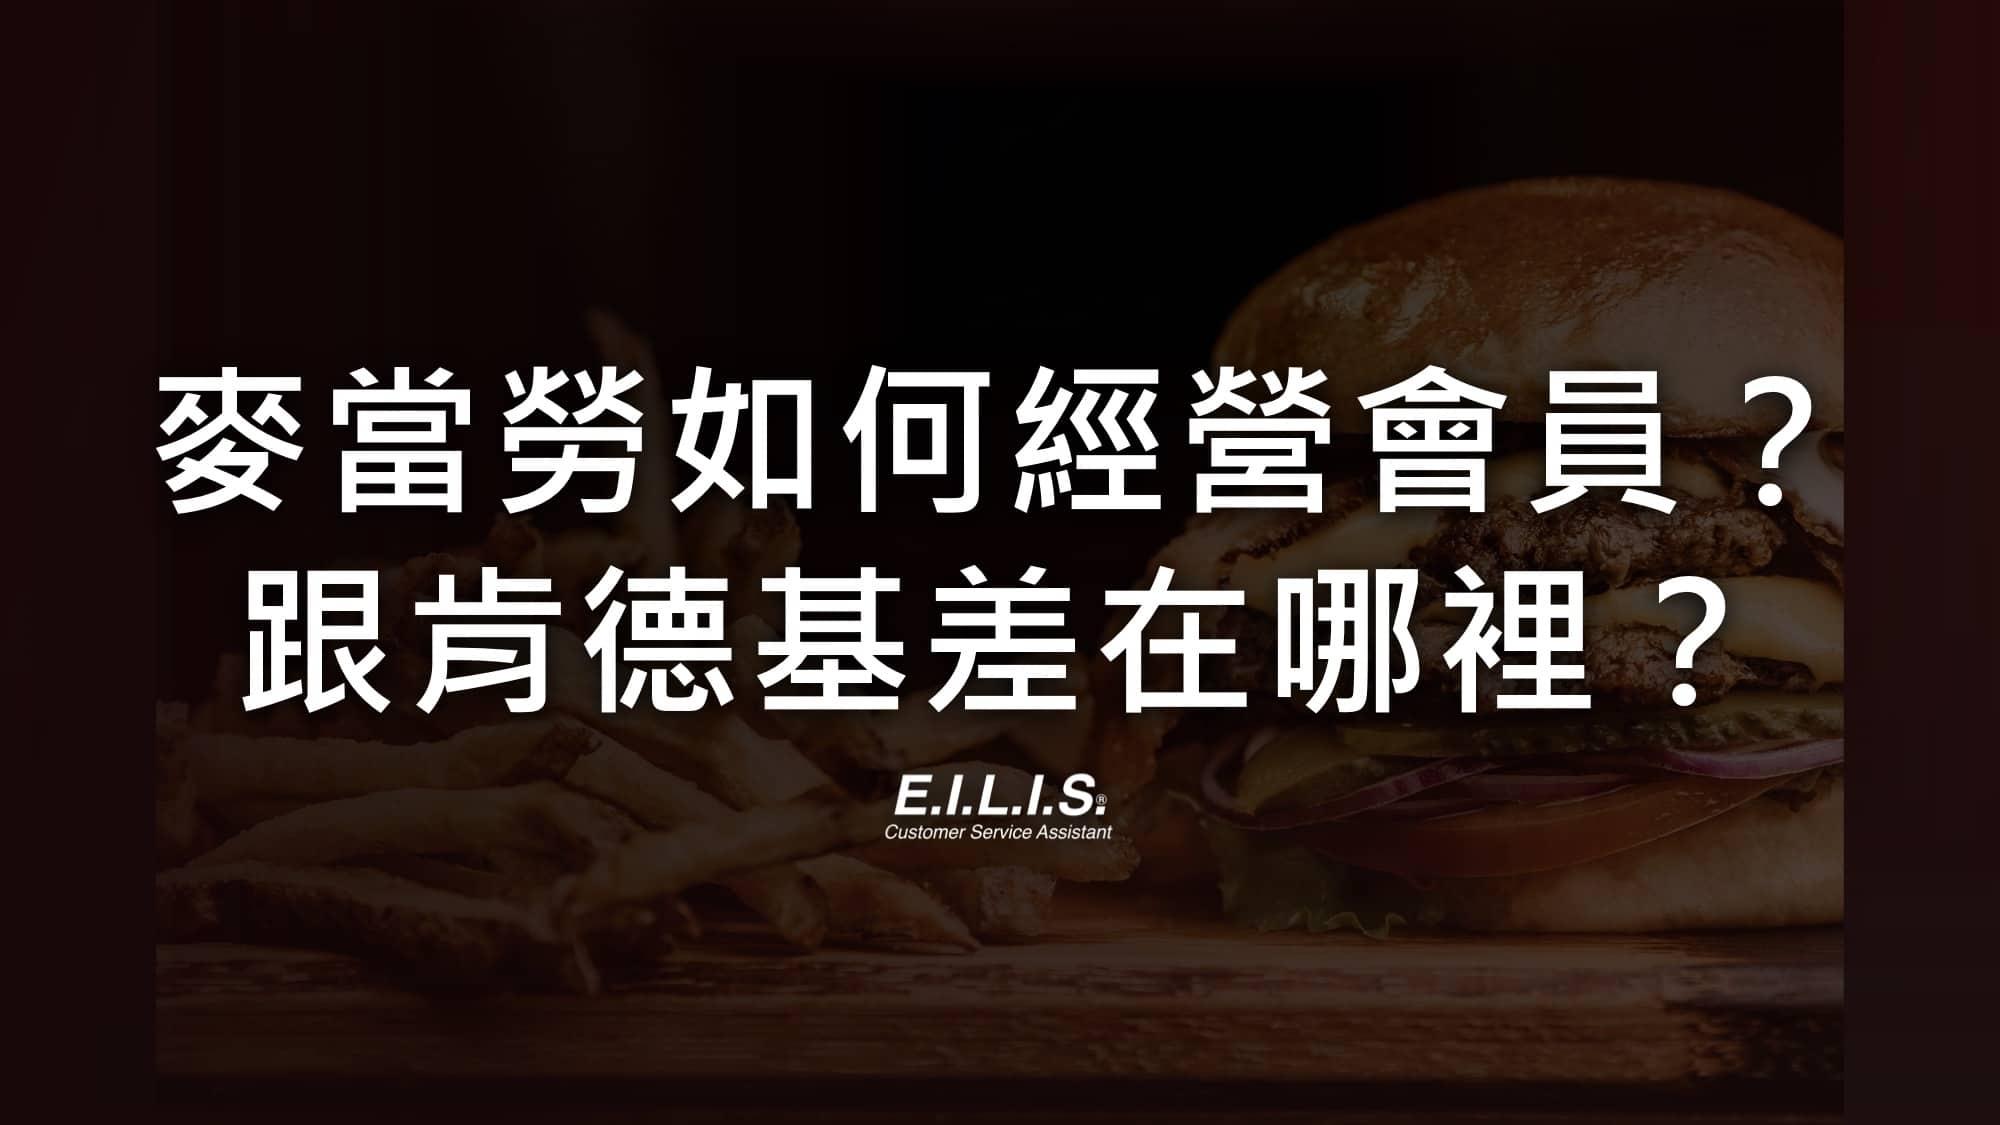 麥當勞、摩斯漢堡、肯德基會員卡經營比較,盤點3個速食業龍頭的顧客關係管理!